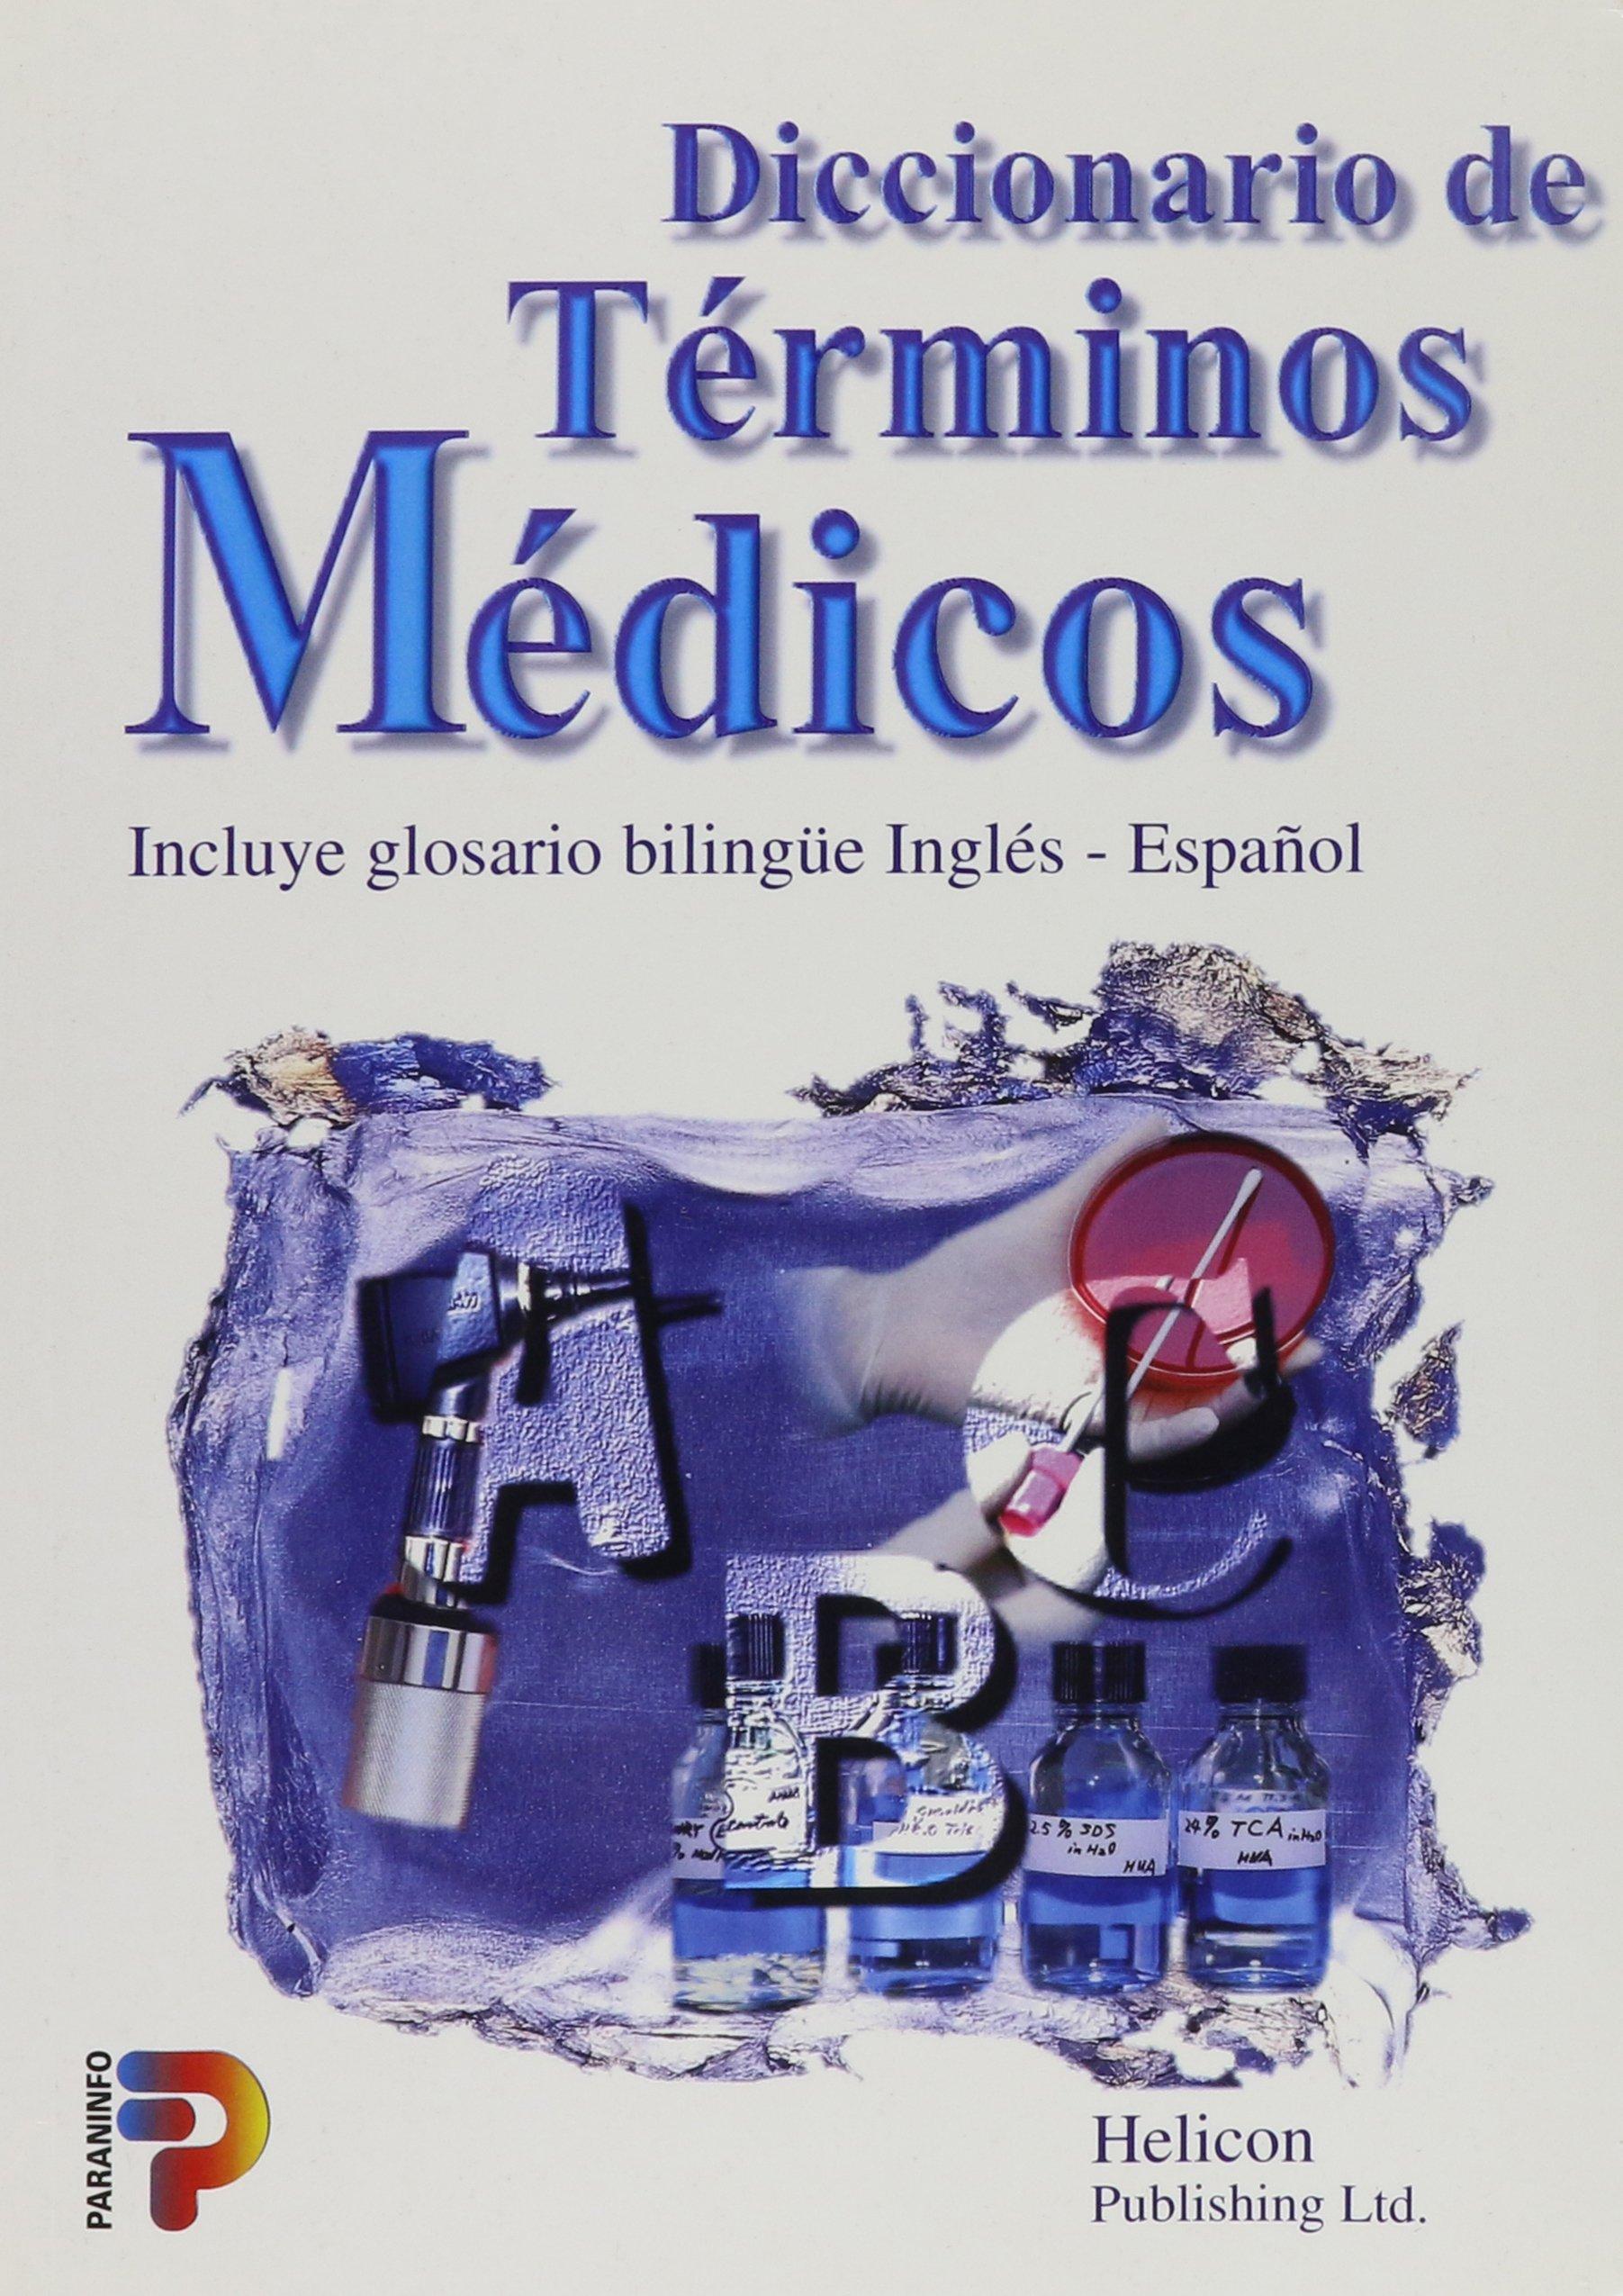 Diccionario de Terminos Medicos (Spanish Edition): Helicon Publishing Ltd: 9788428324328: Amazon.com: Books